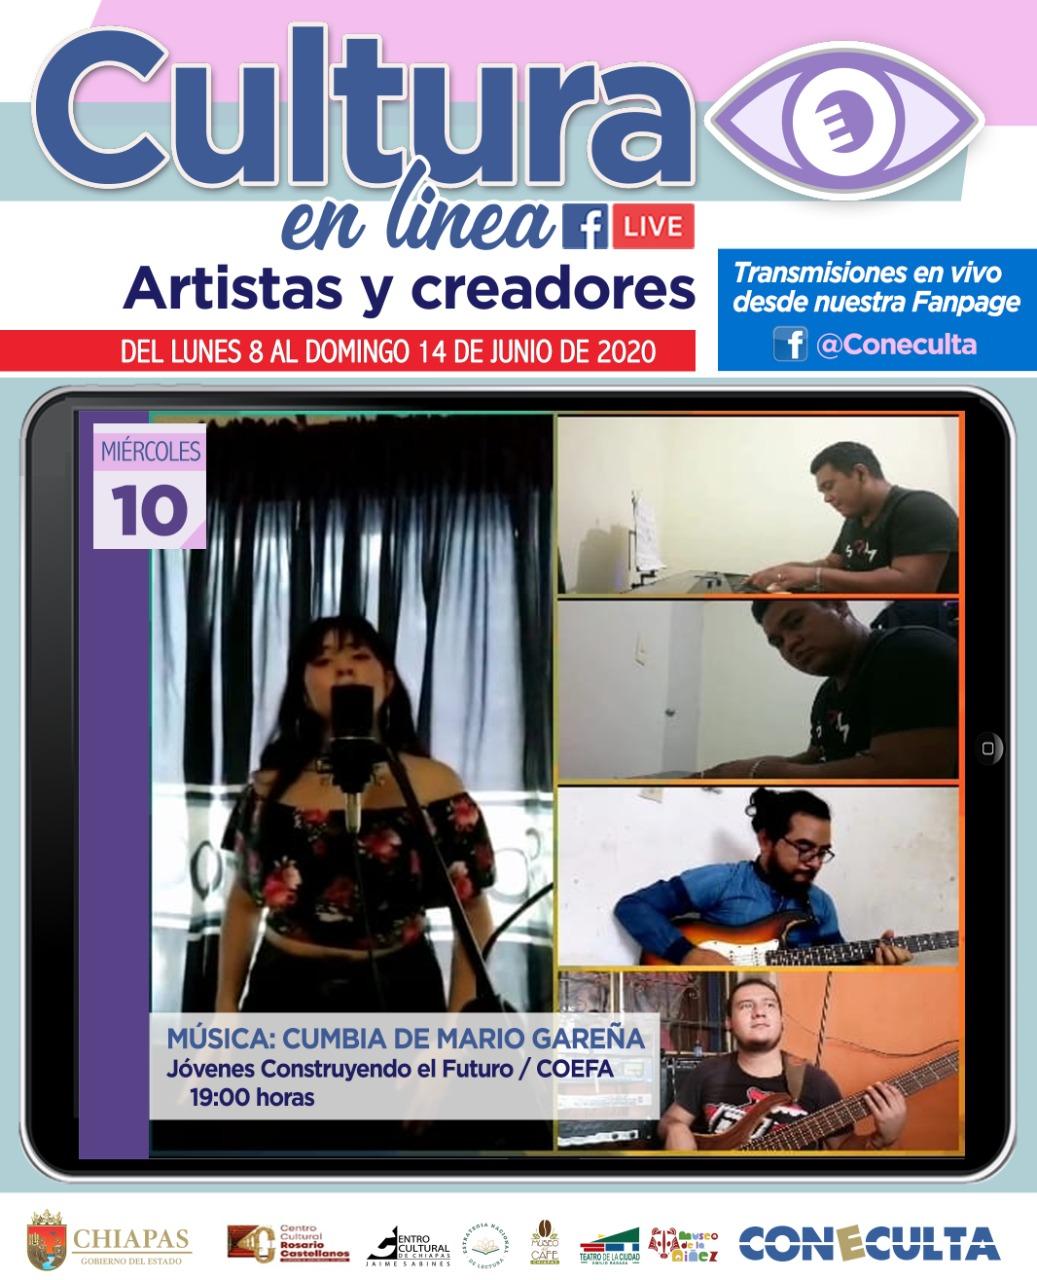 Cumbia de Mario Gareña